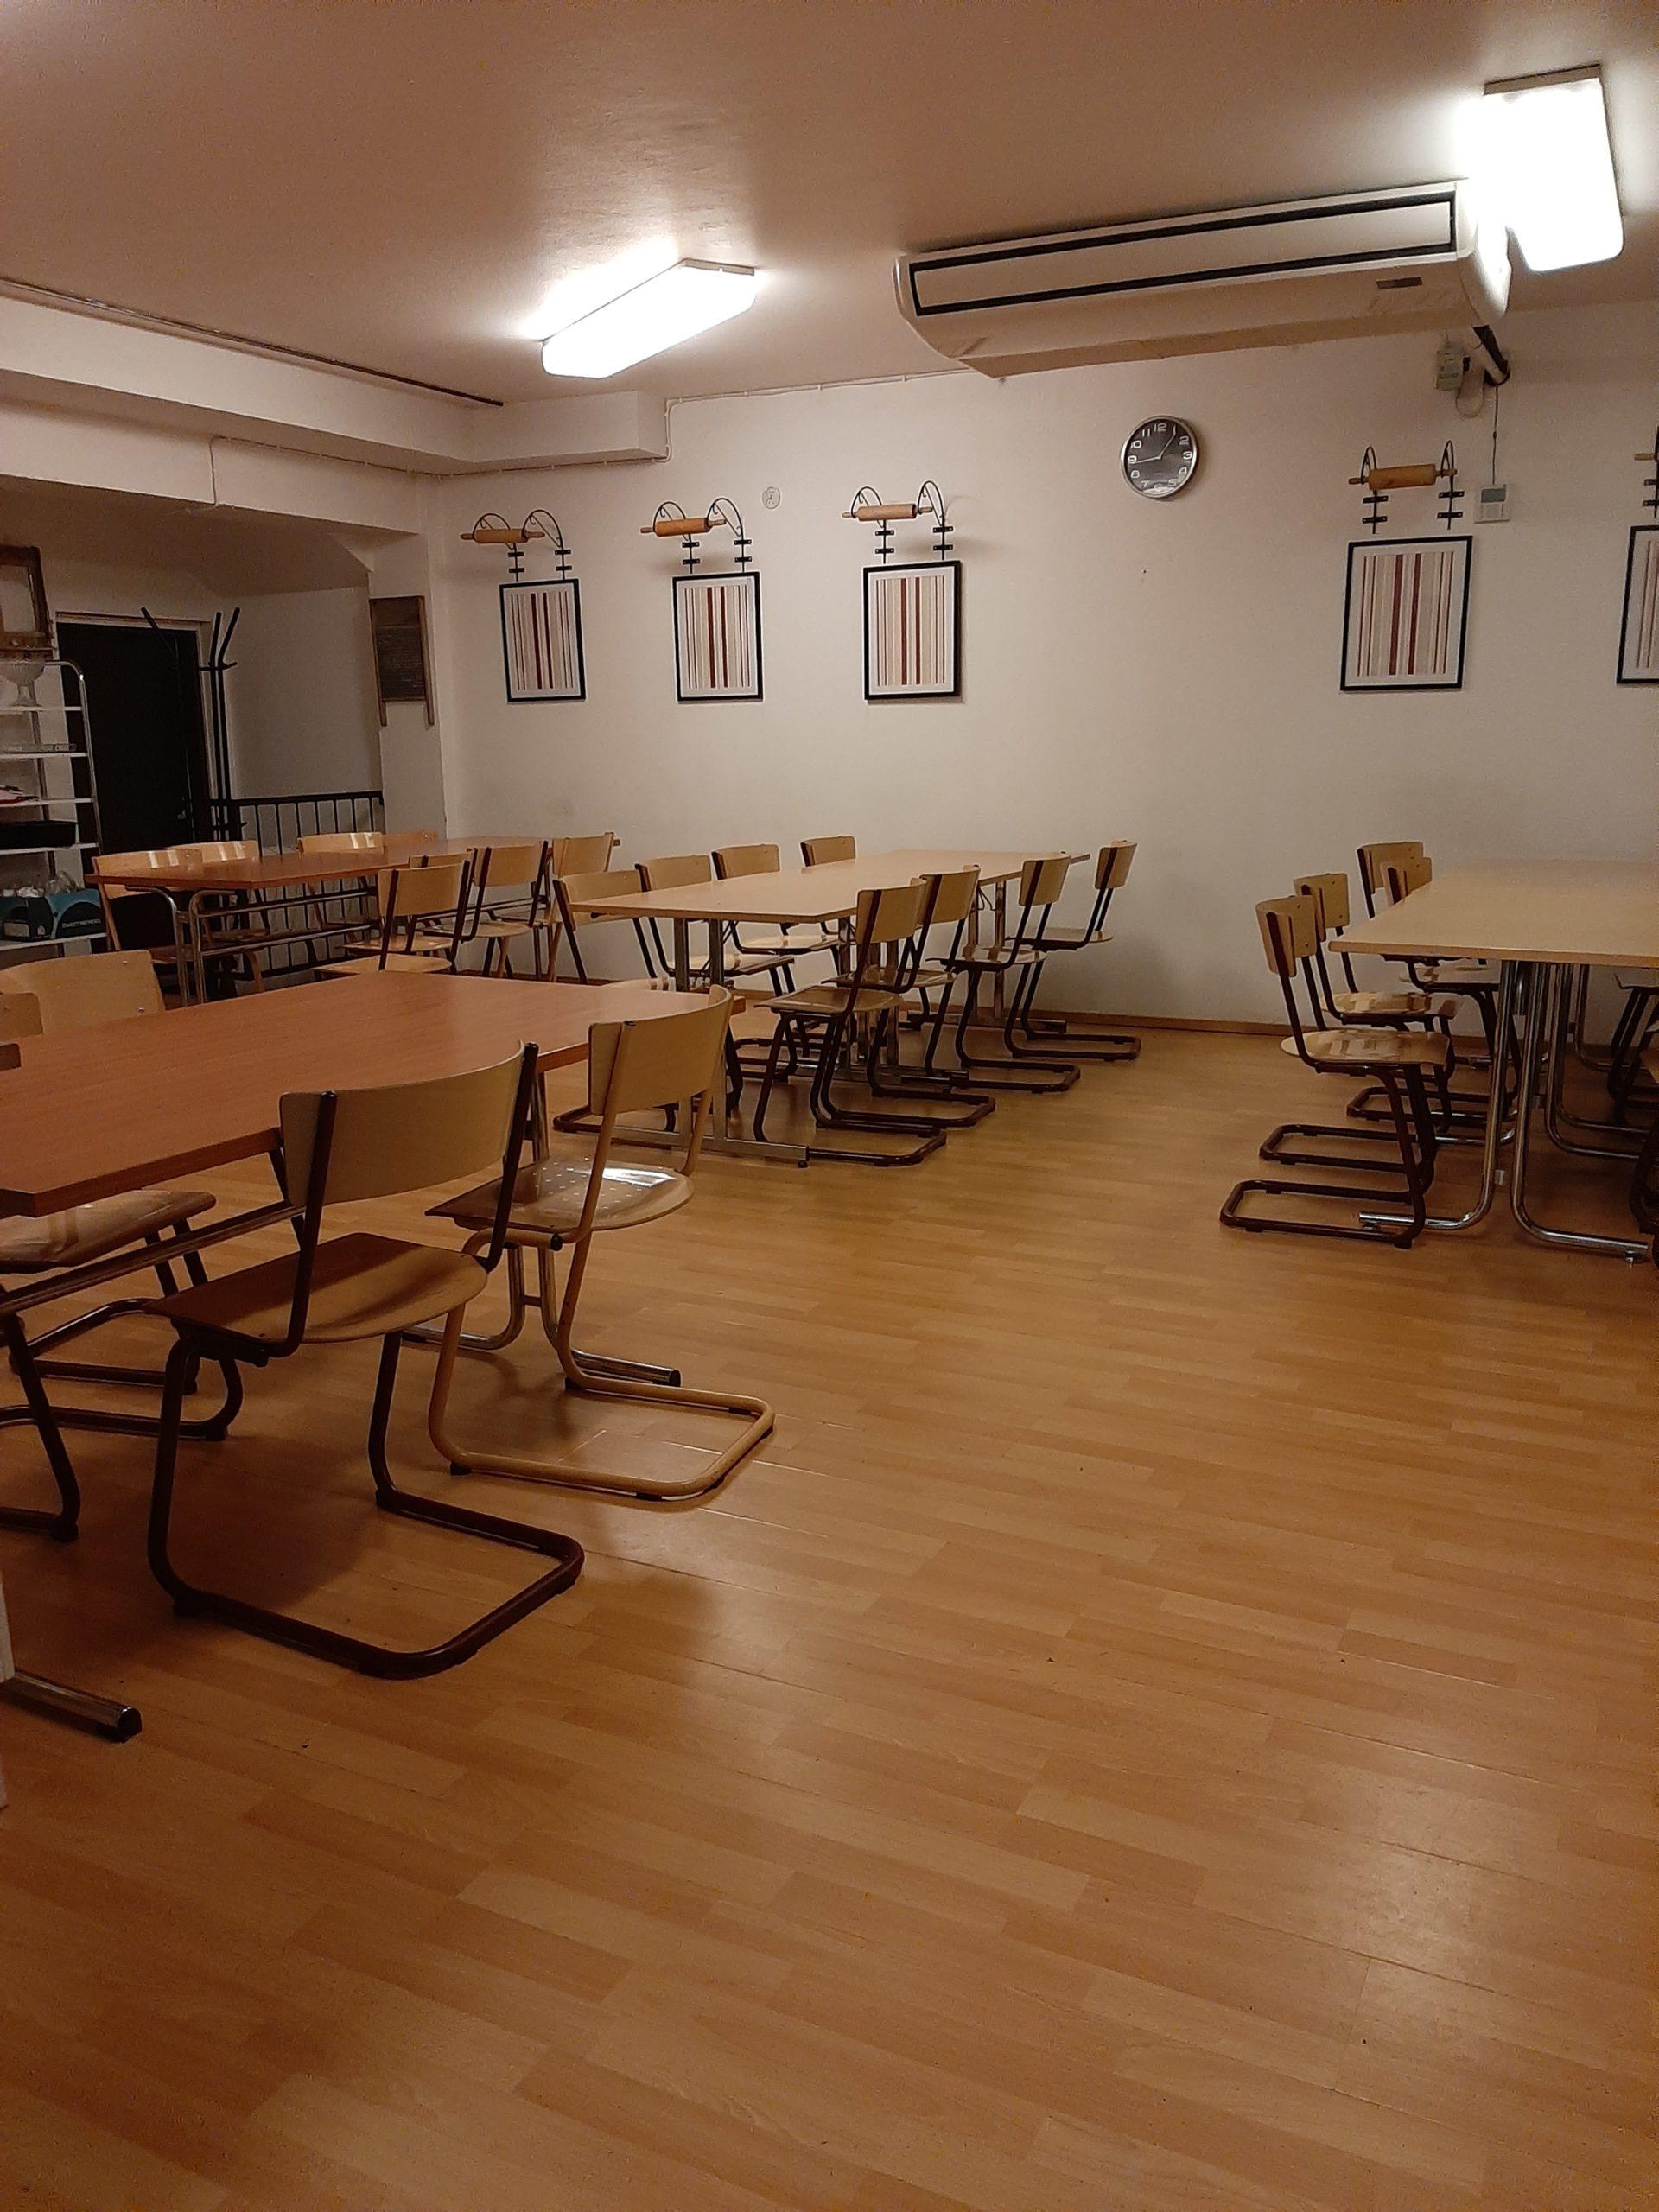 Ravintolan sisäkuva, jossa pöytiä ja tuoleja.